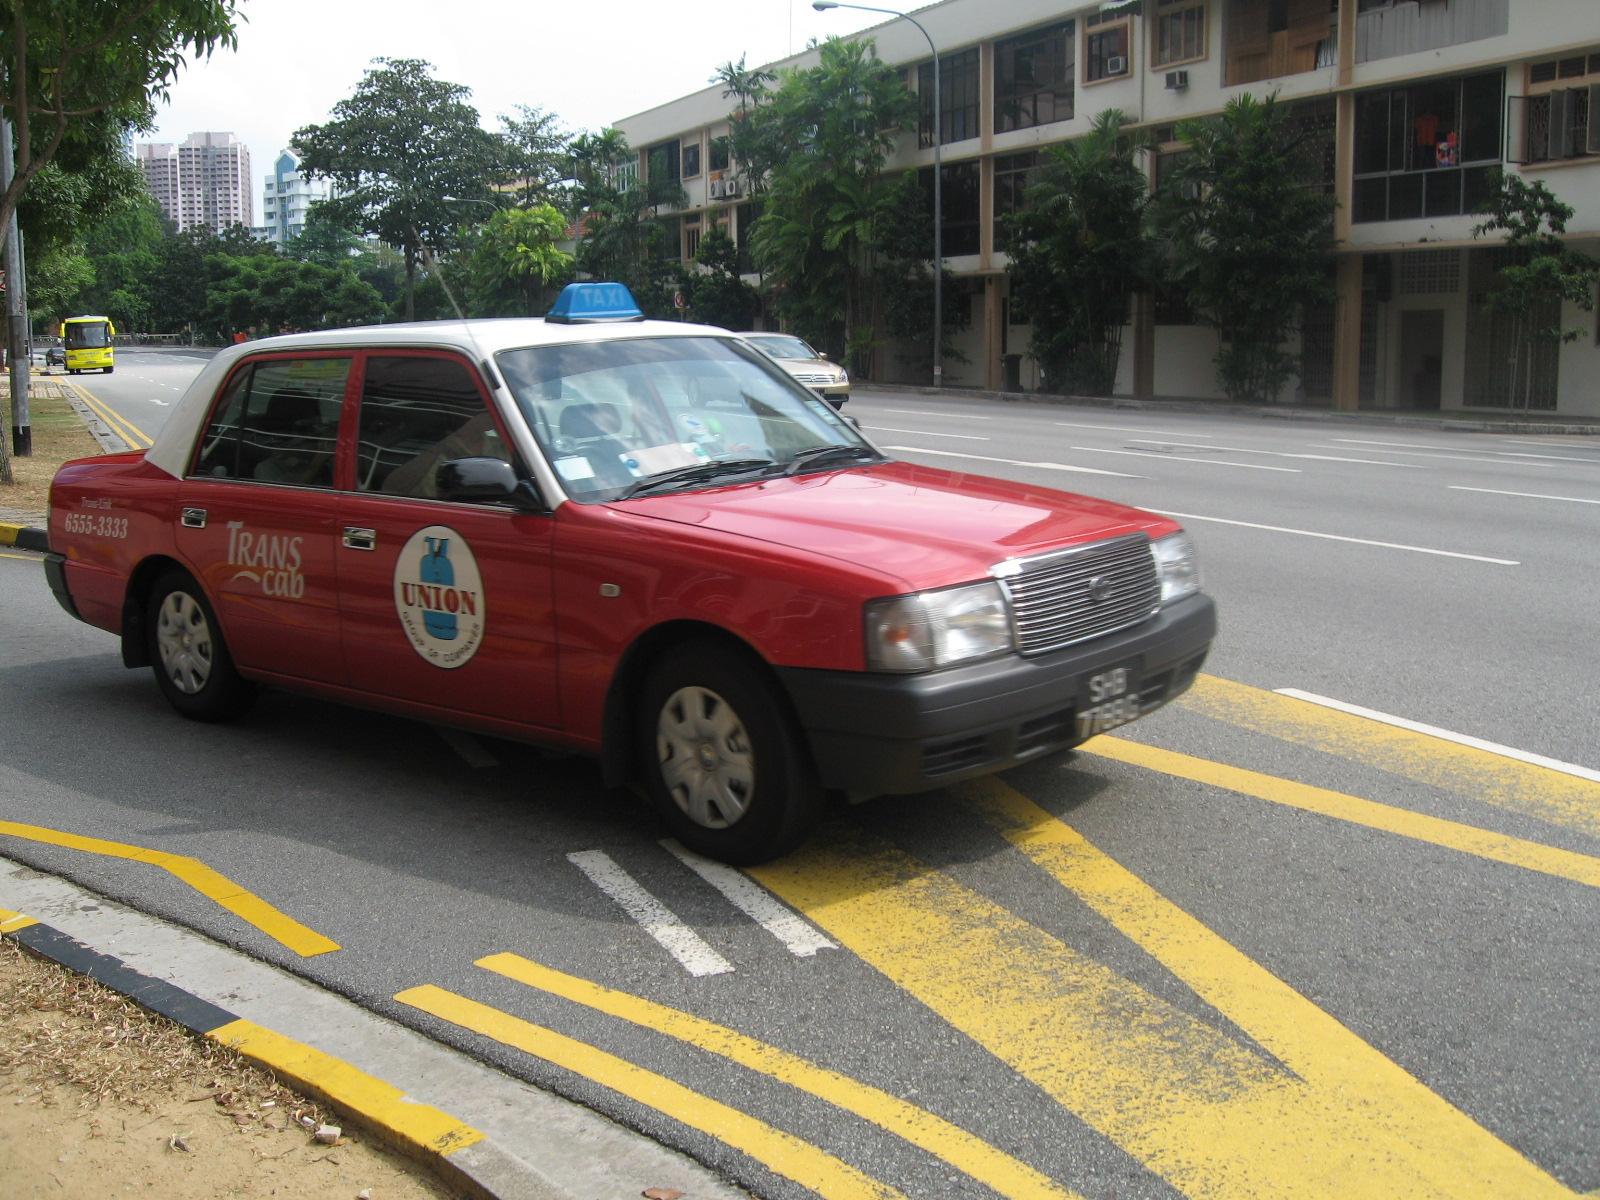 దస్త్రం:Trans Cab-Tcrown.JPG - వికీపీడియా